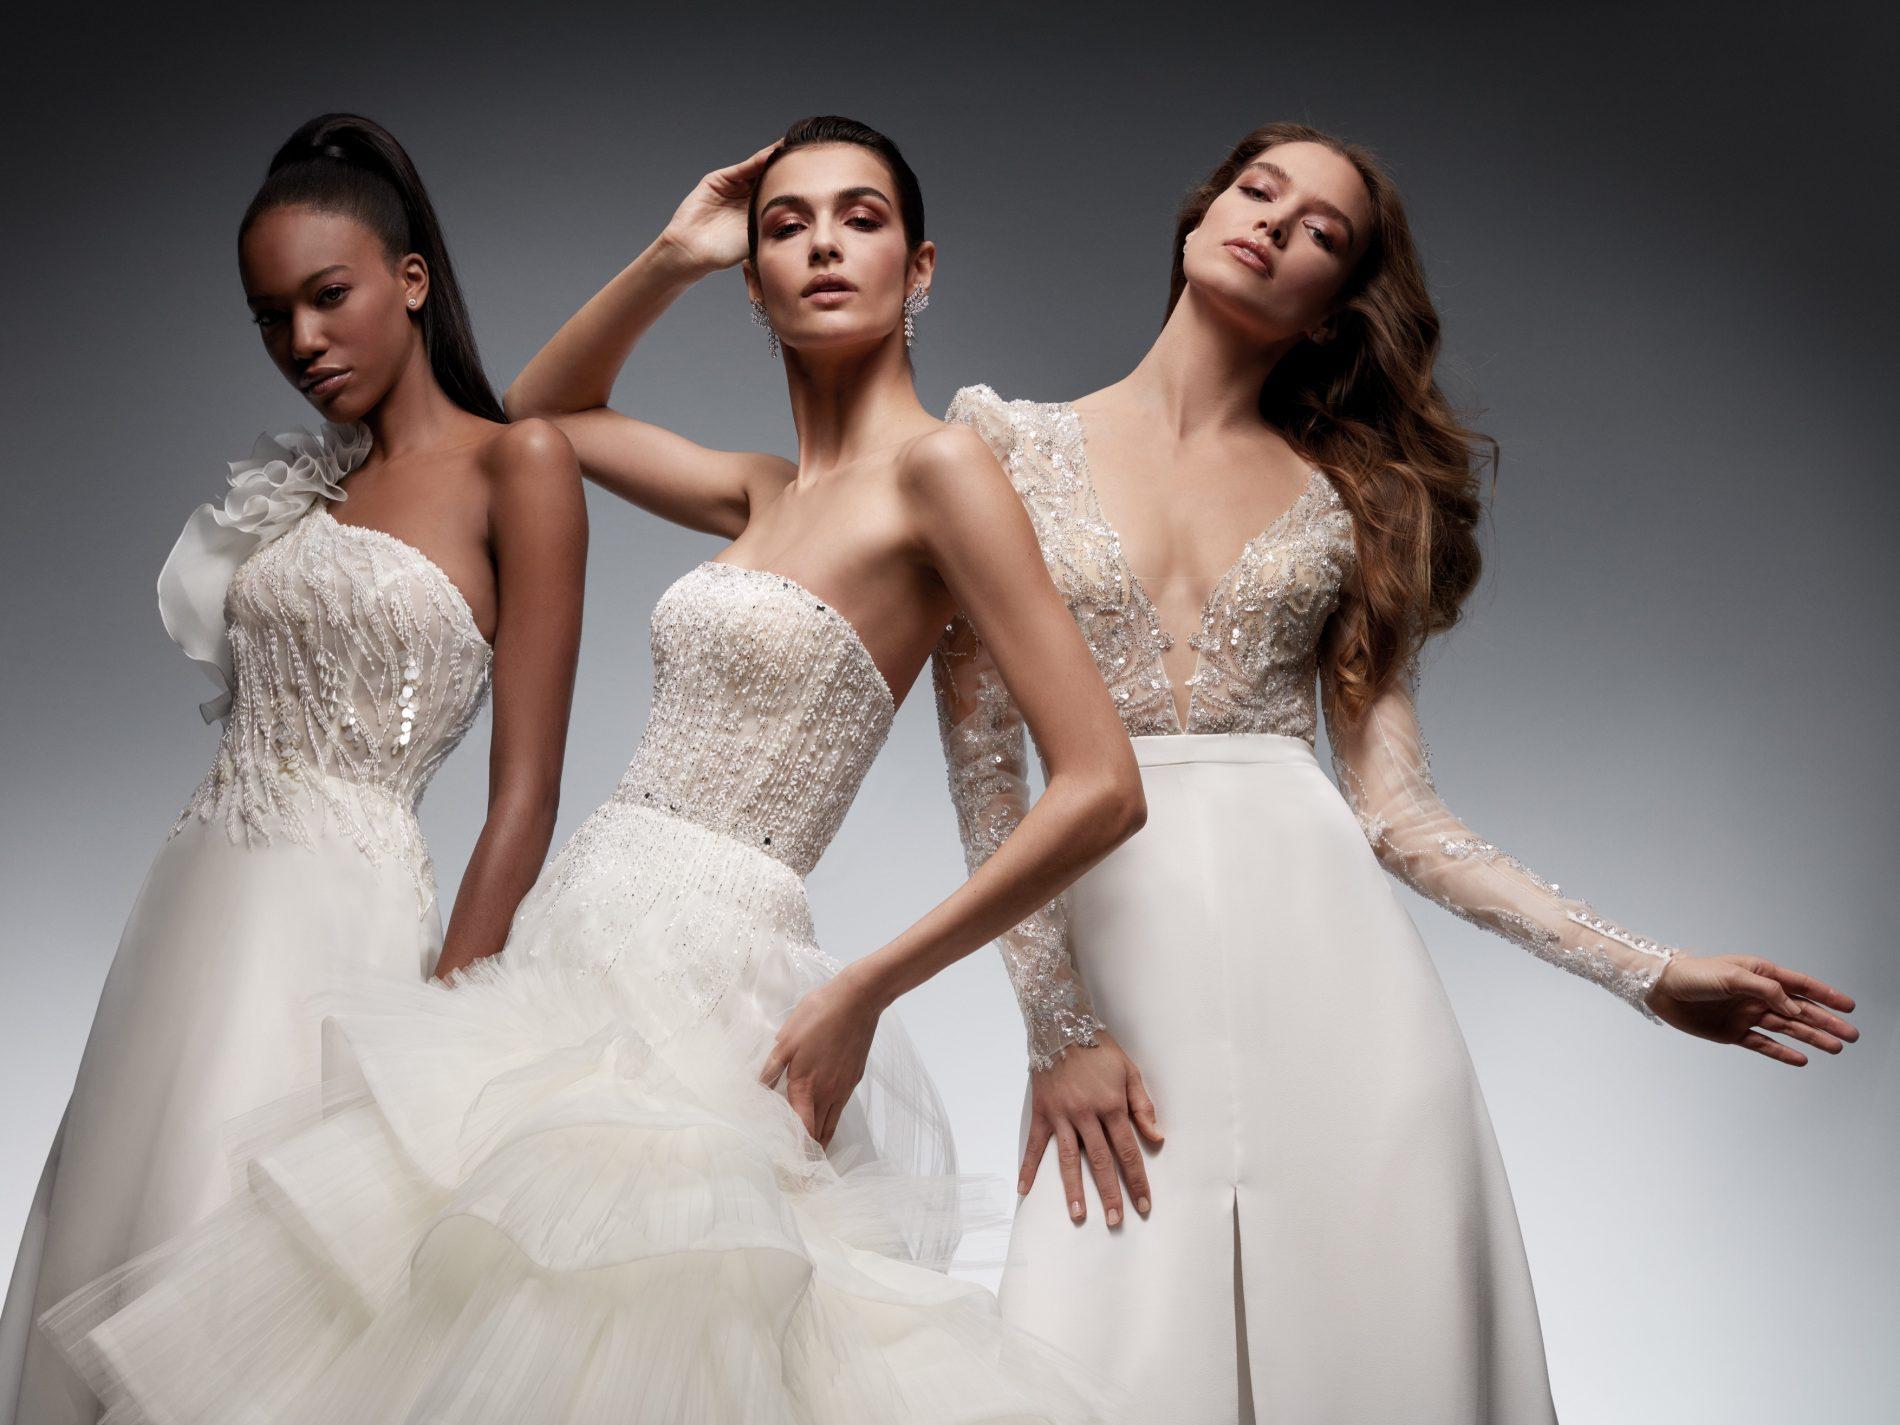 In questa foto tre modelle posano indossando 3 abiti da sposa Nicole 2022, della linea Couture